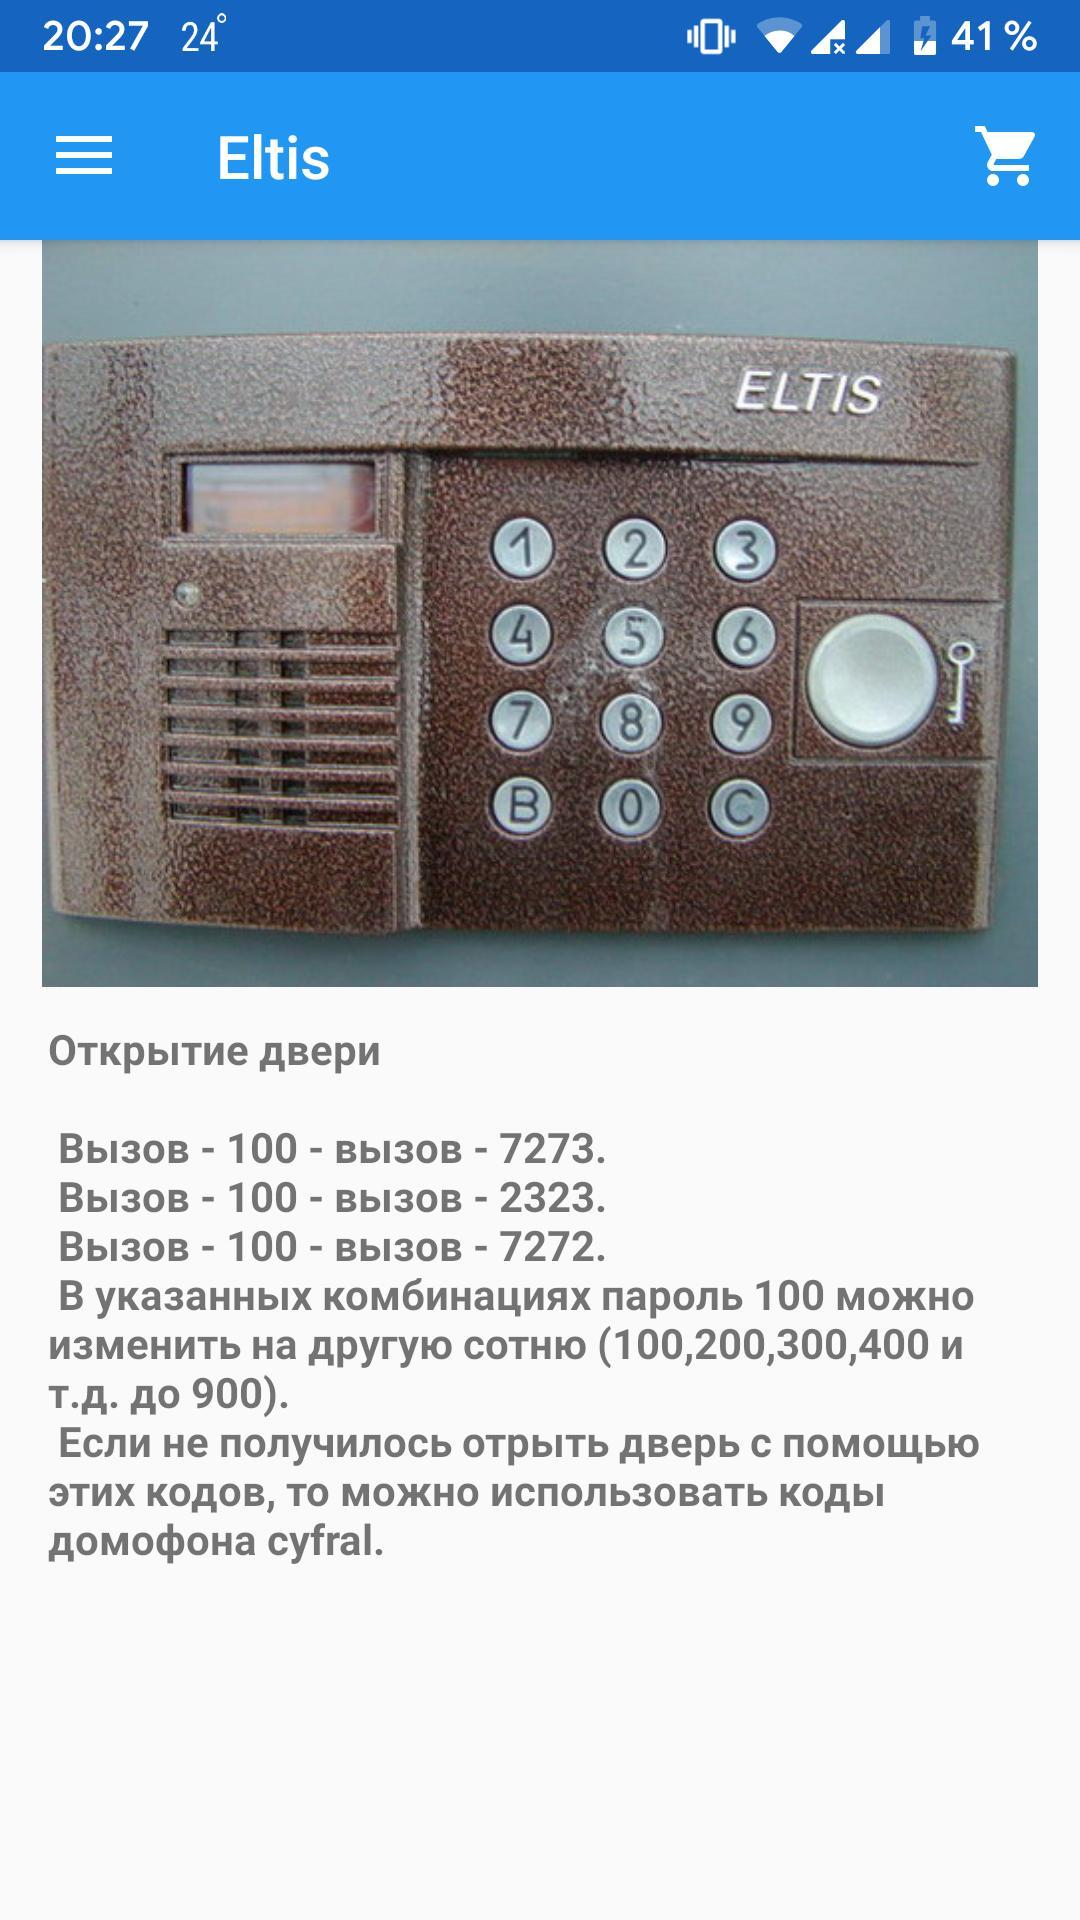 Виды домофонов фото и коды к ним